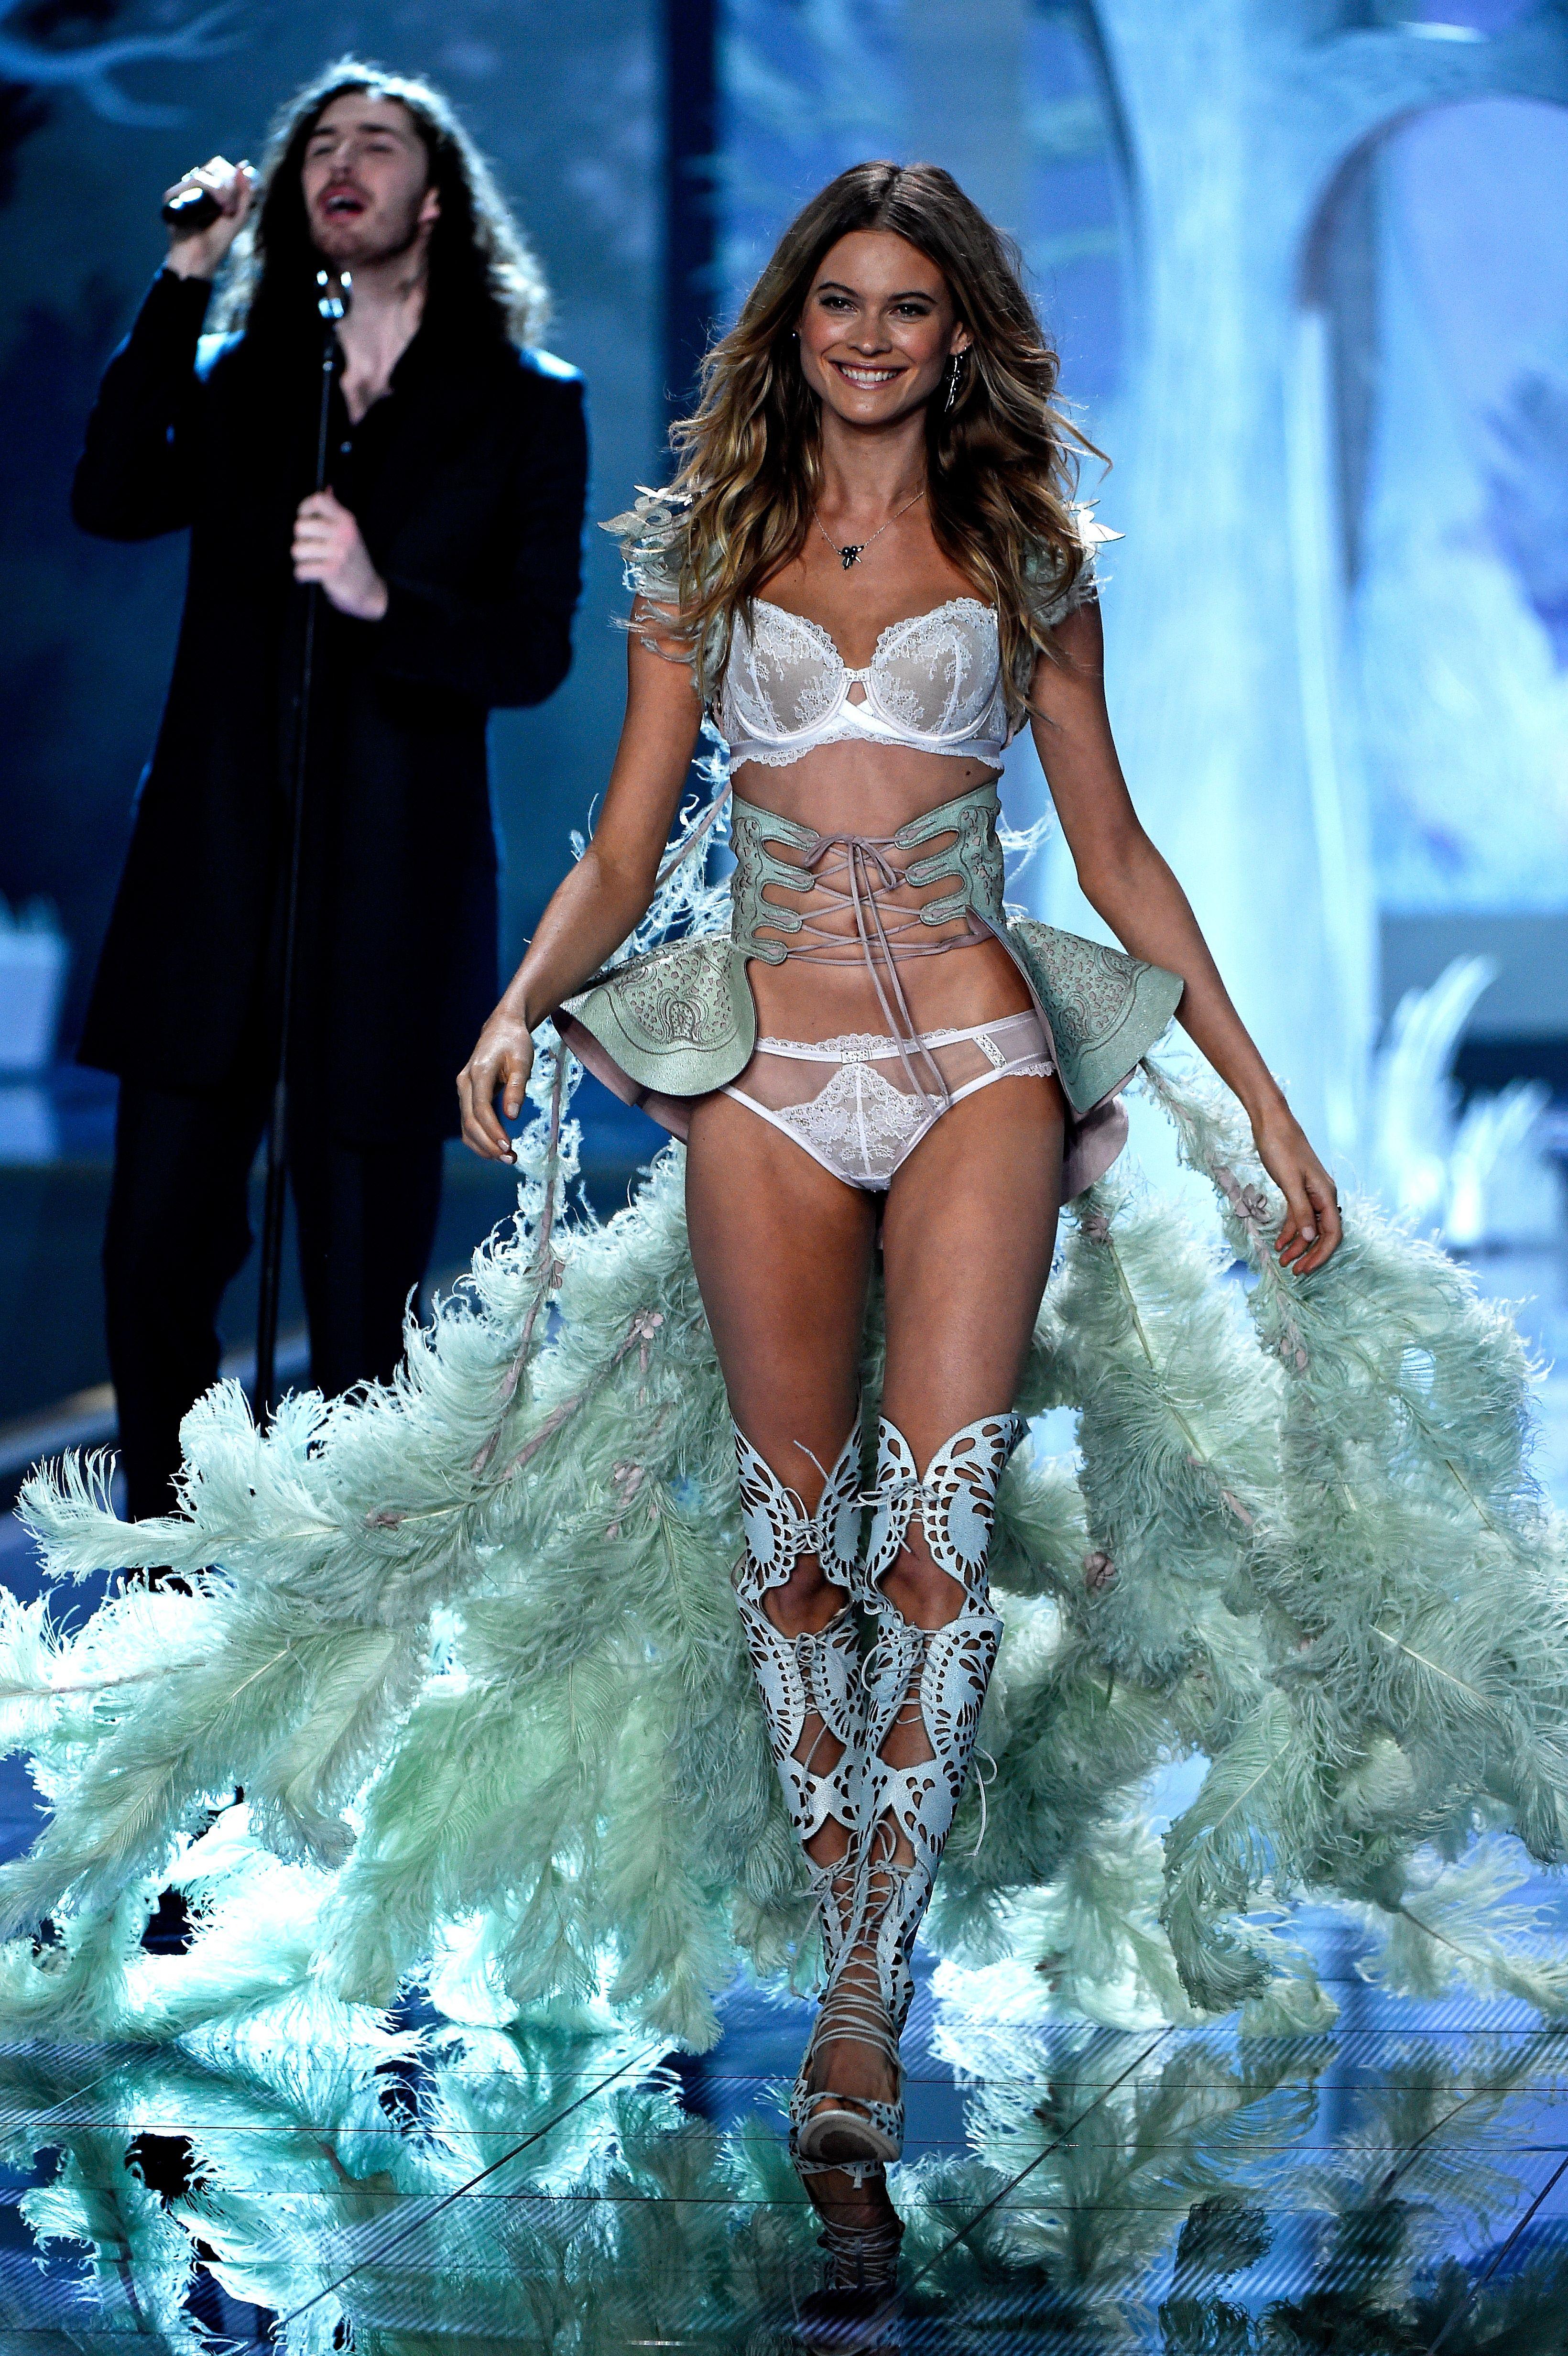 Victoria S Secret Fashion Show 2014 Dessous Unterwasche Intim